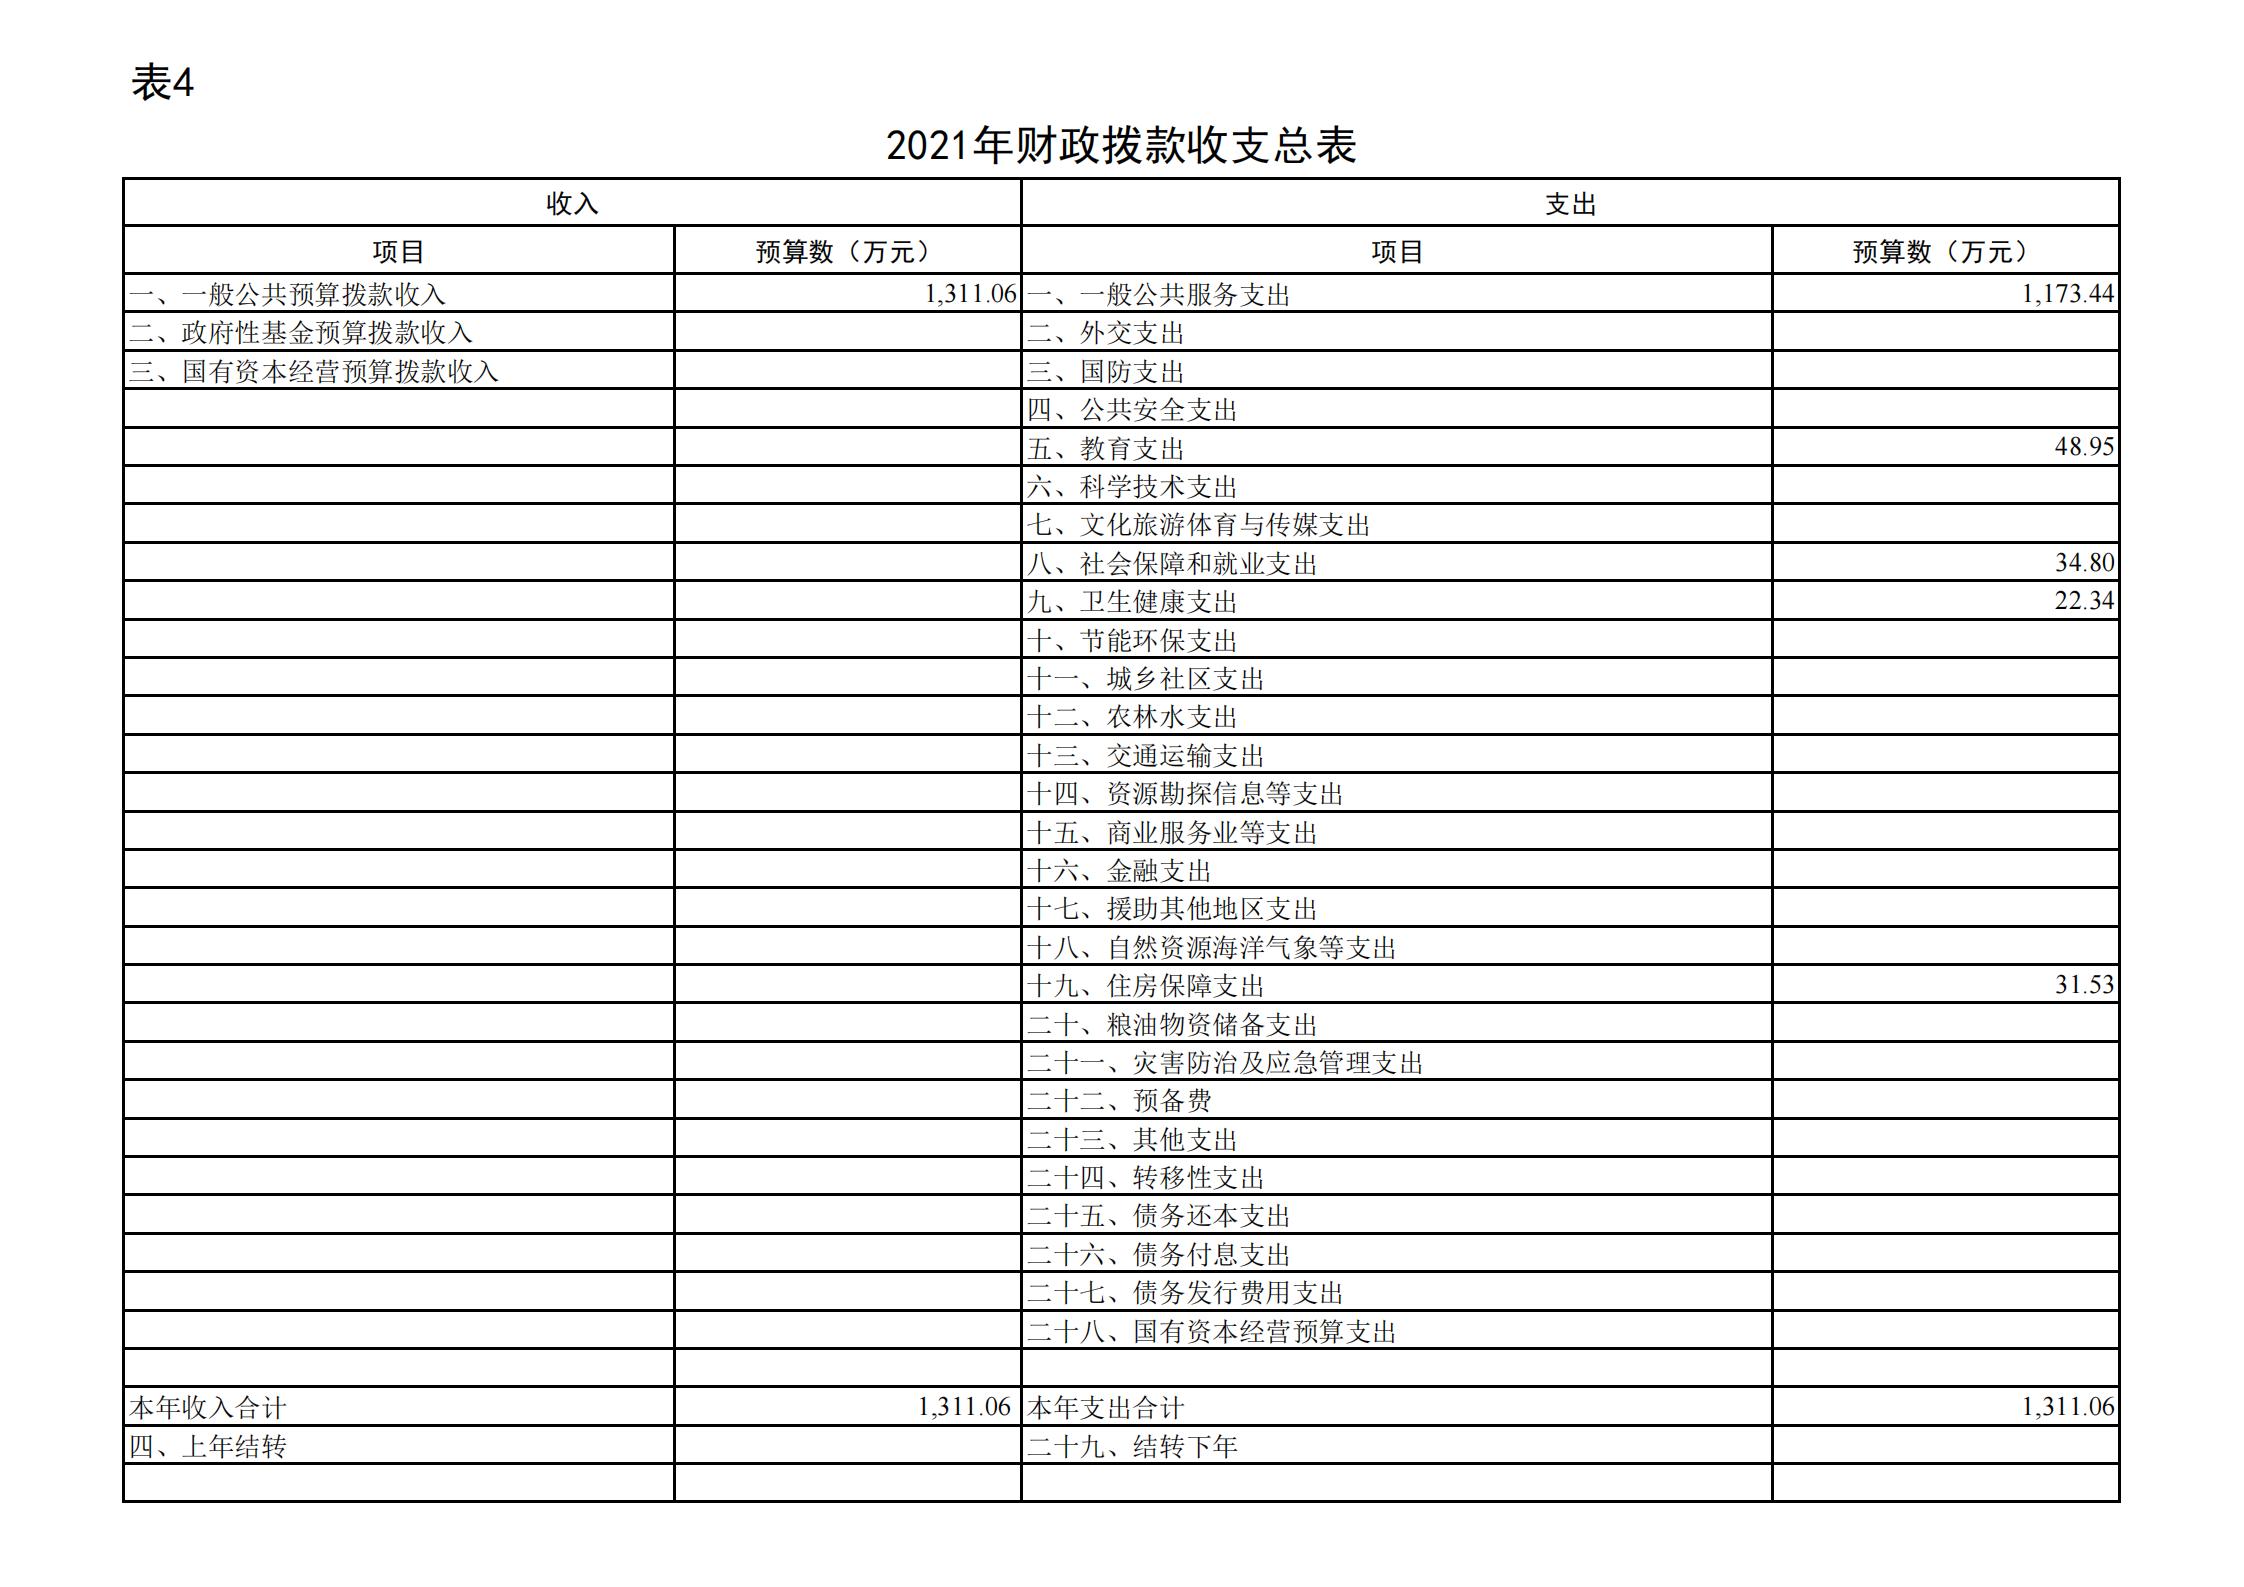 """共青团贵阳市委(本级)2021年度市级部门预算、""""三公""""经费预算公开说明(1)_14.png"""